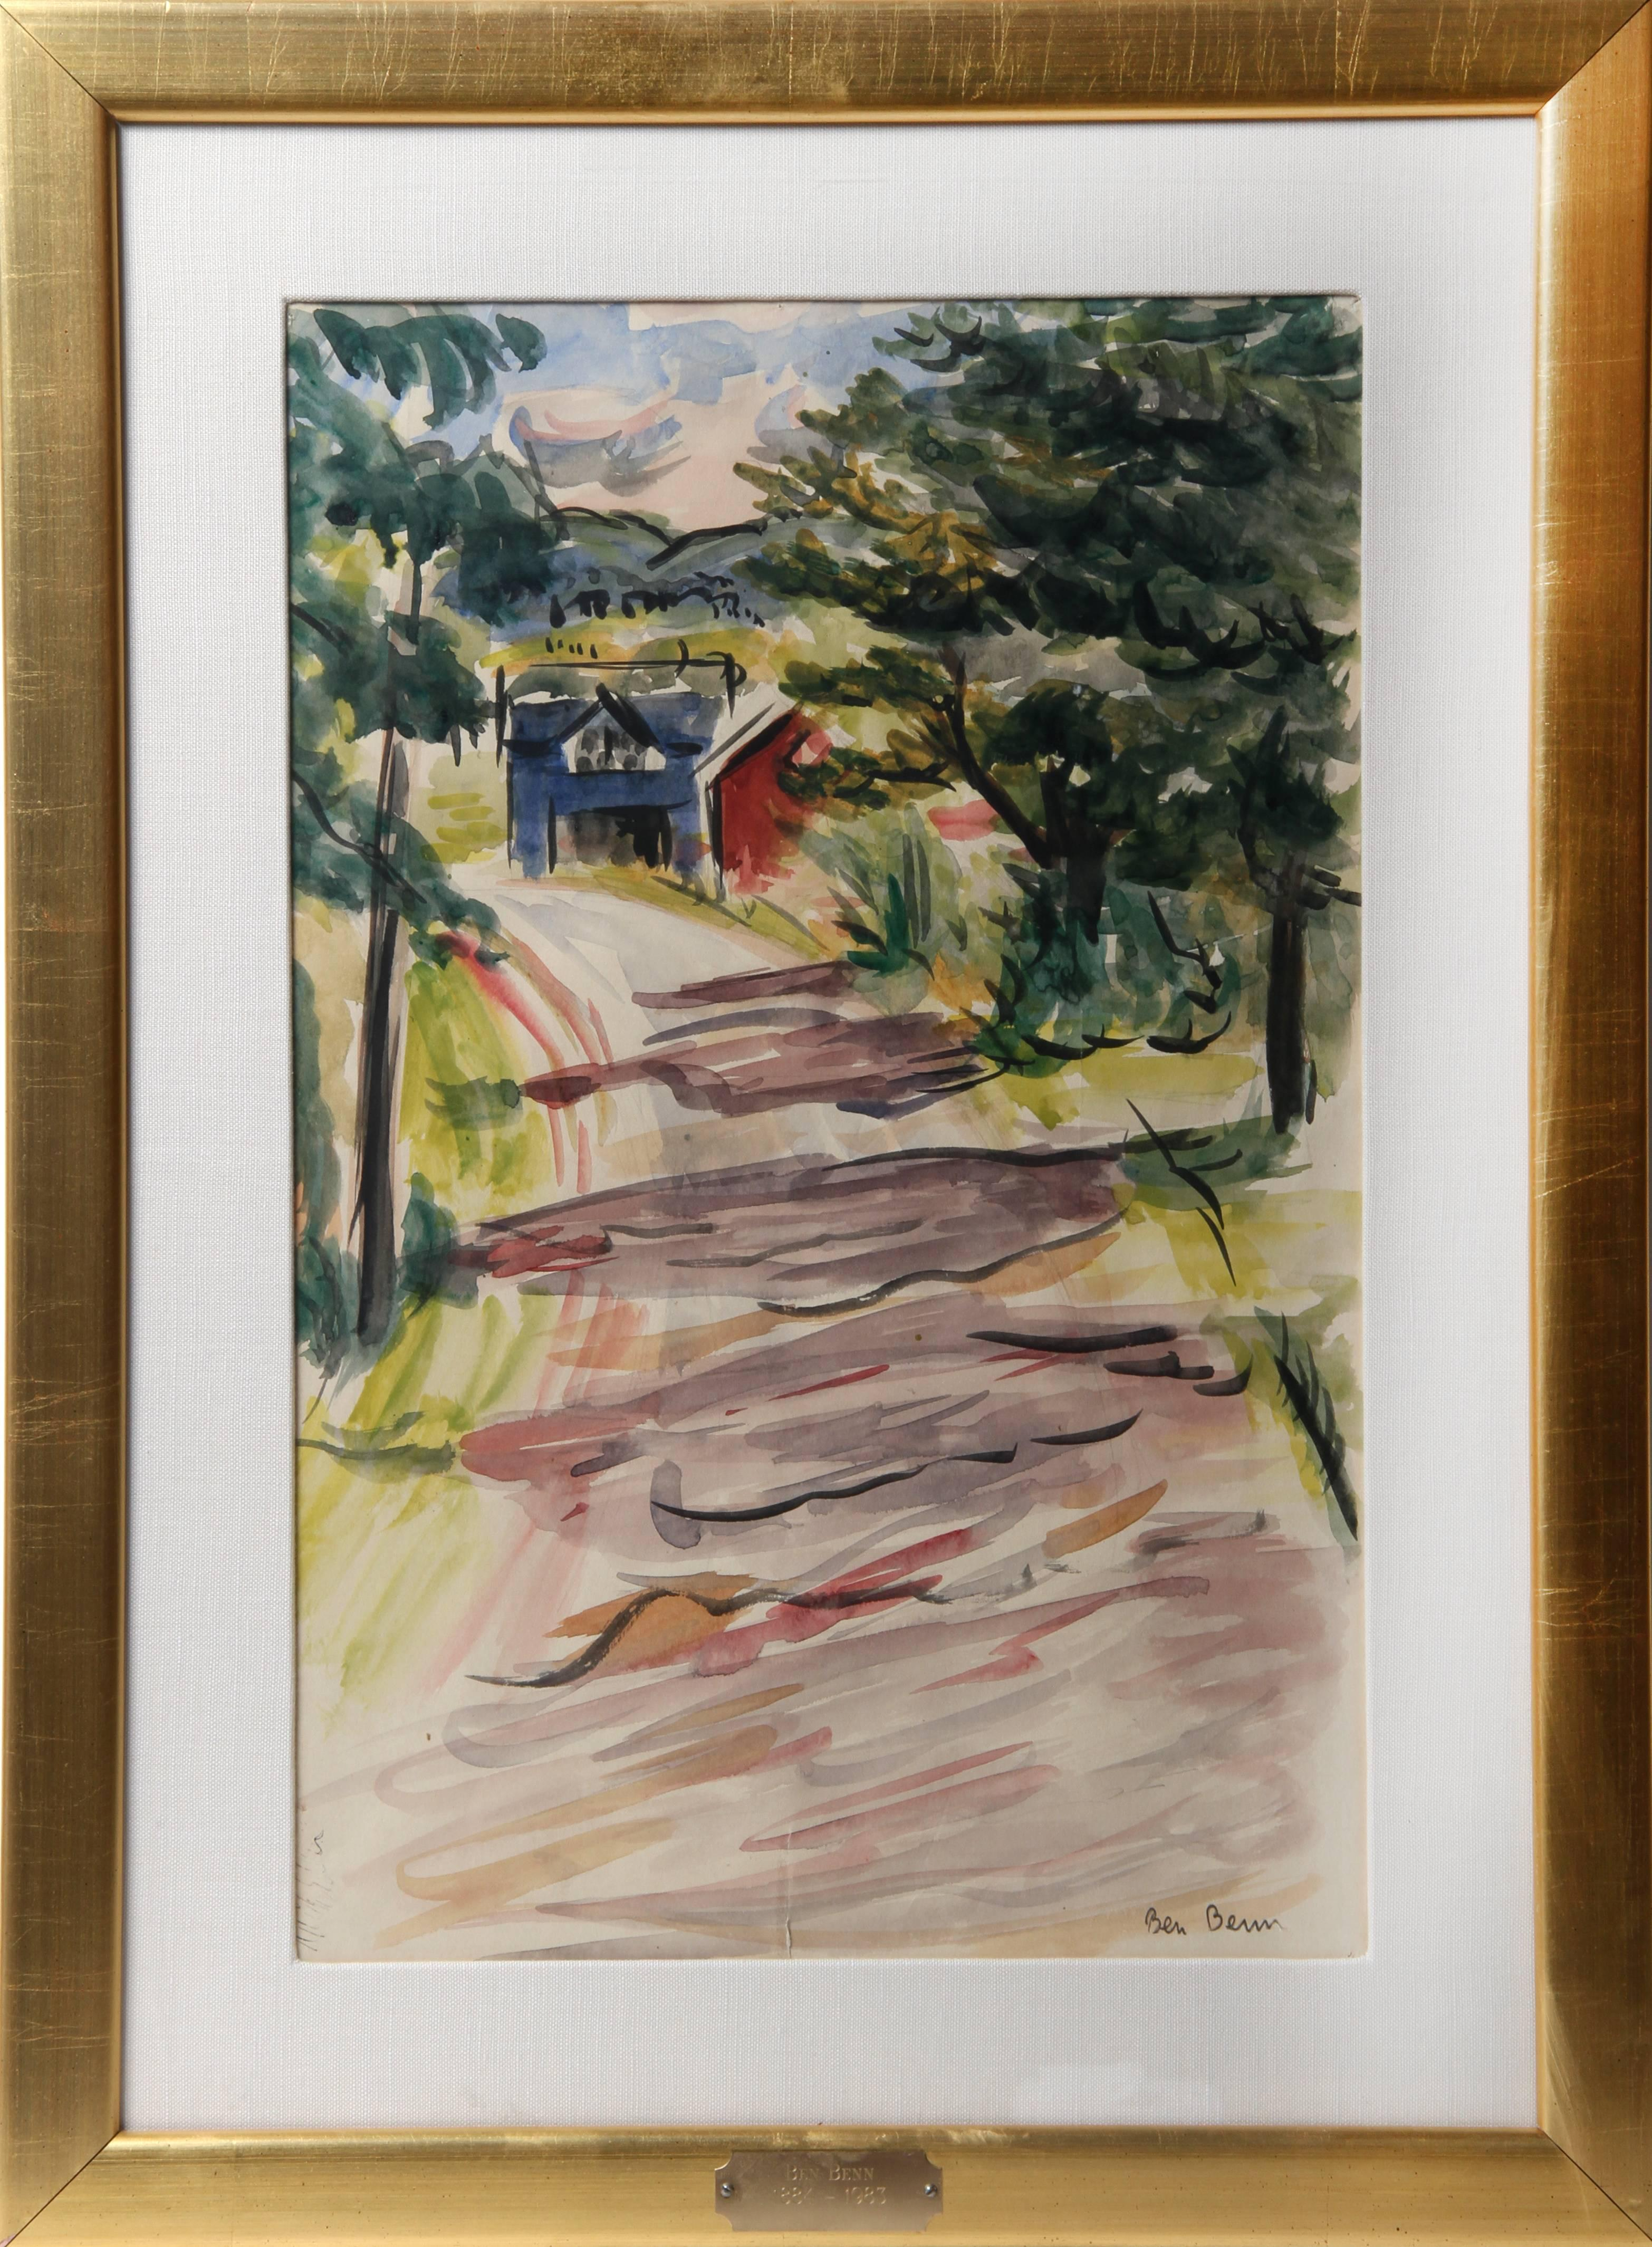 Farm Lane by Ben Benn